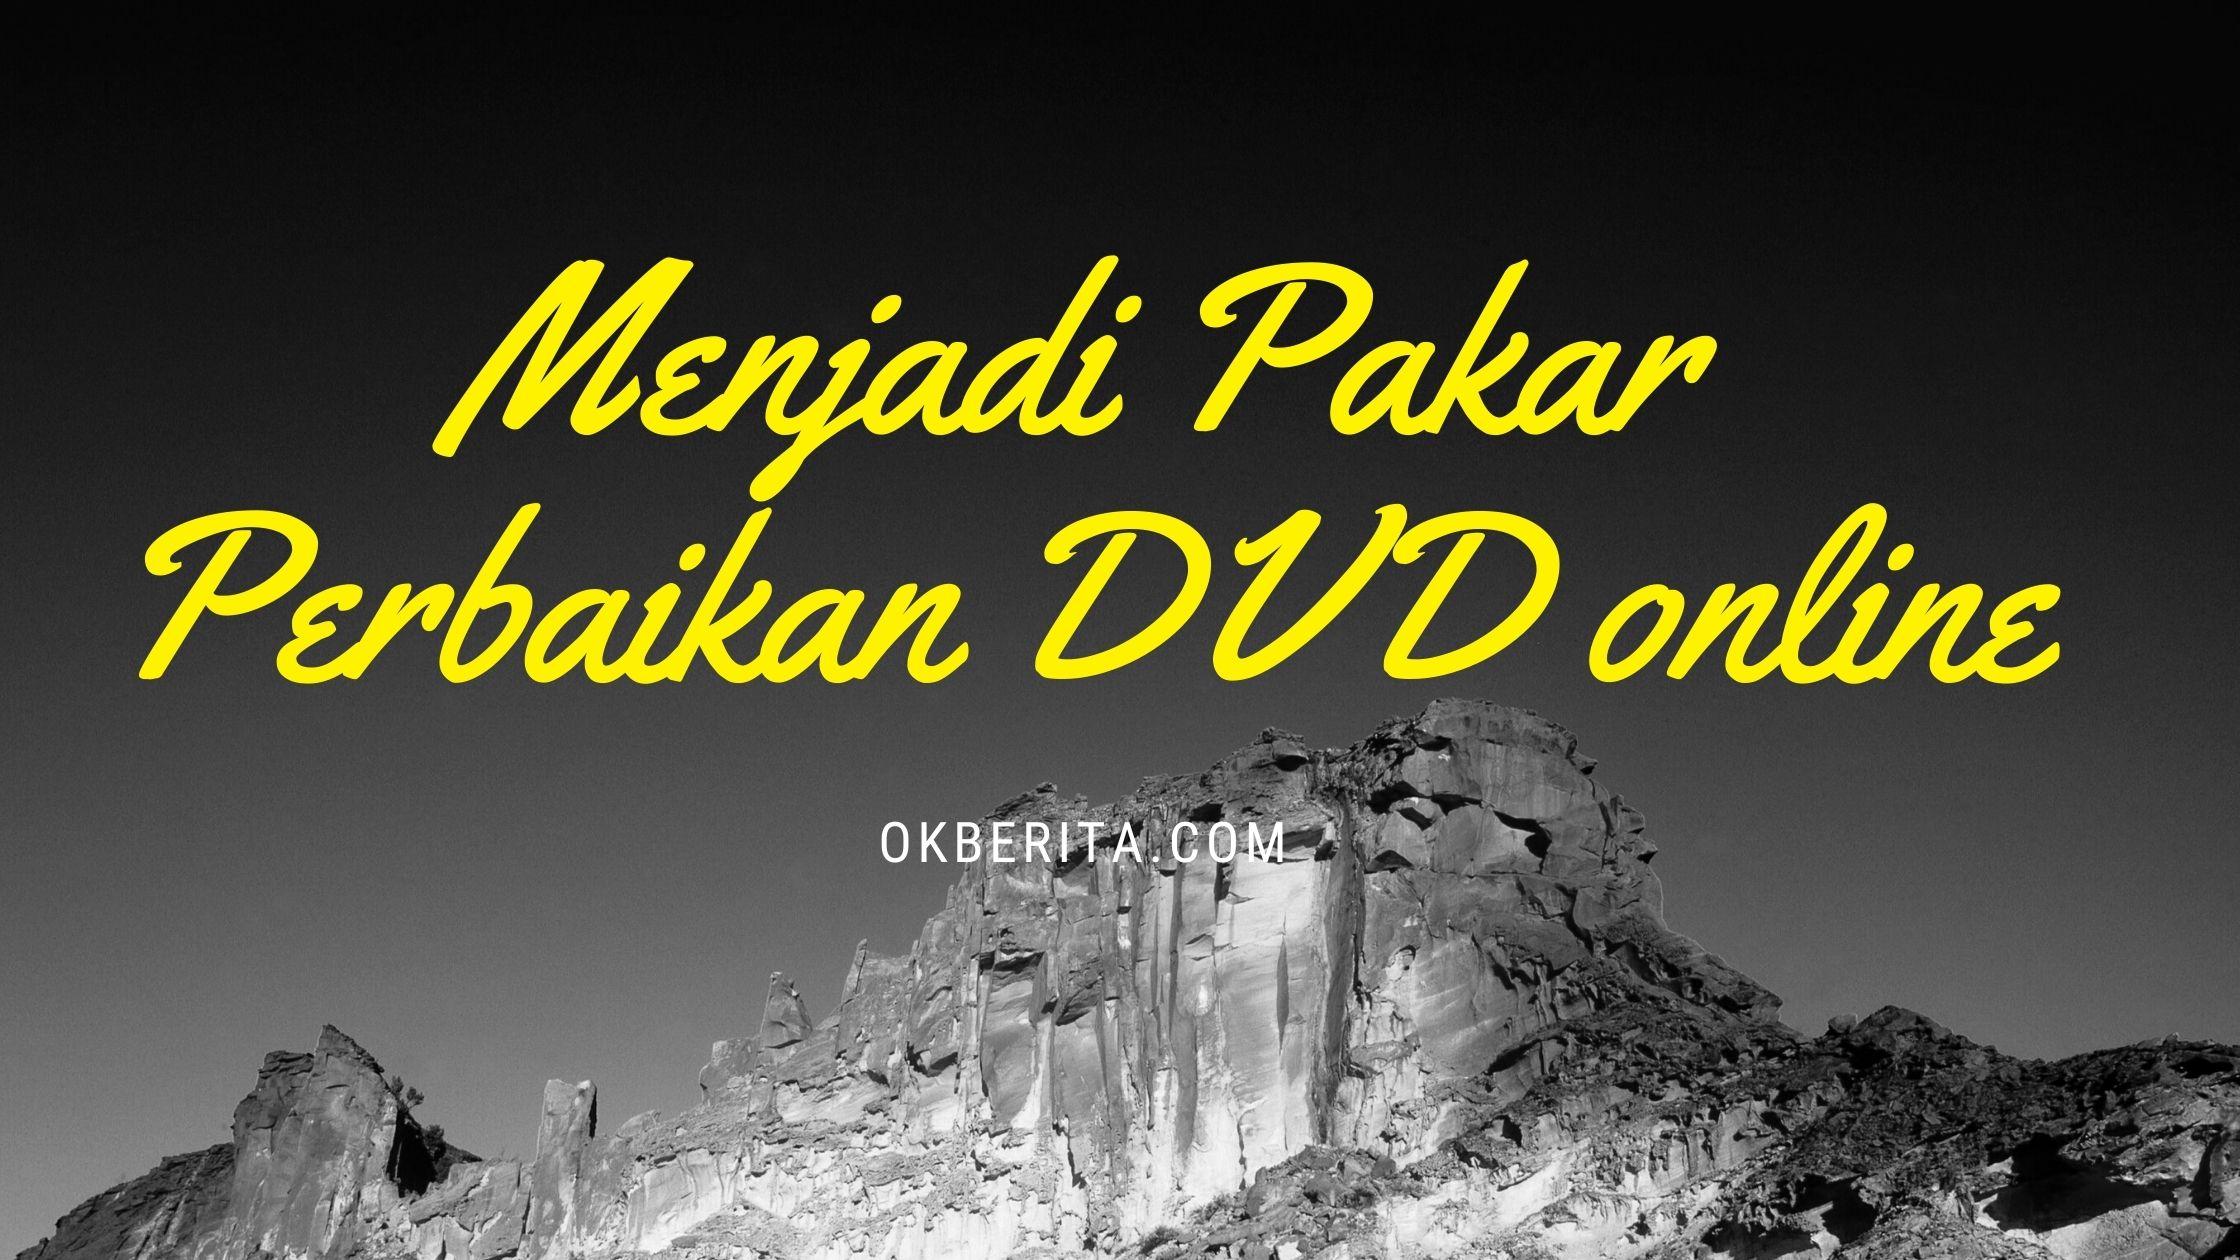 Menjadi pakar perbaikan DVD online